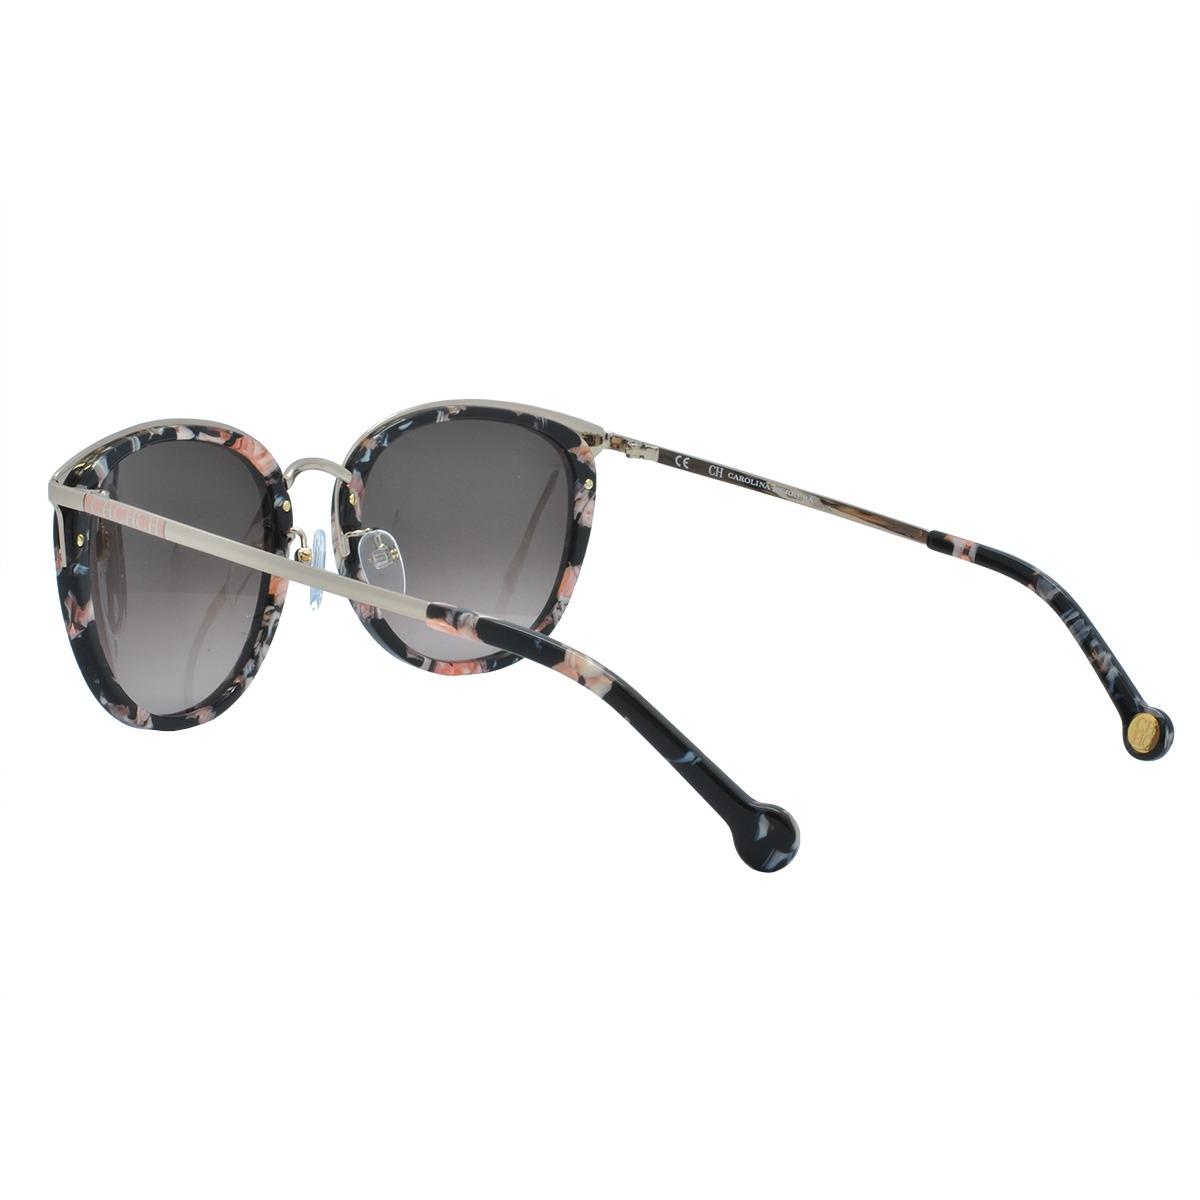 4a6243ffe7fc8 óculos de sol carolina herrera original feminino she131 09p. Carregando  zoom.